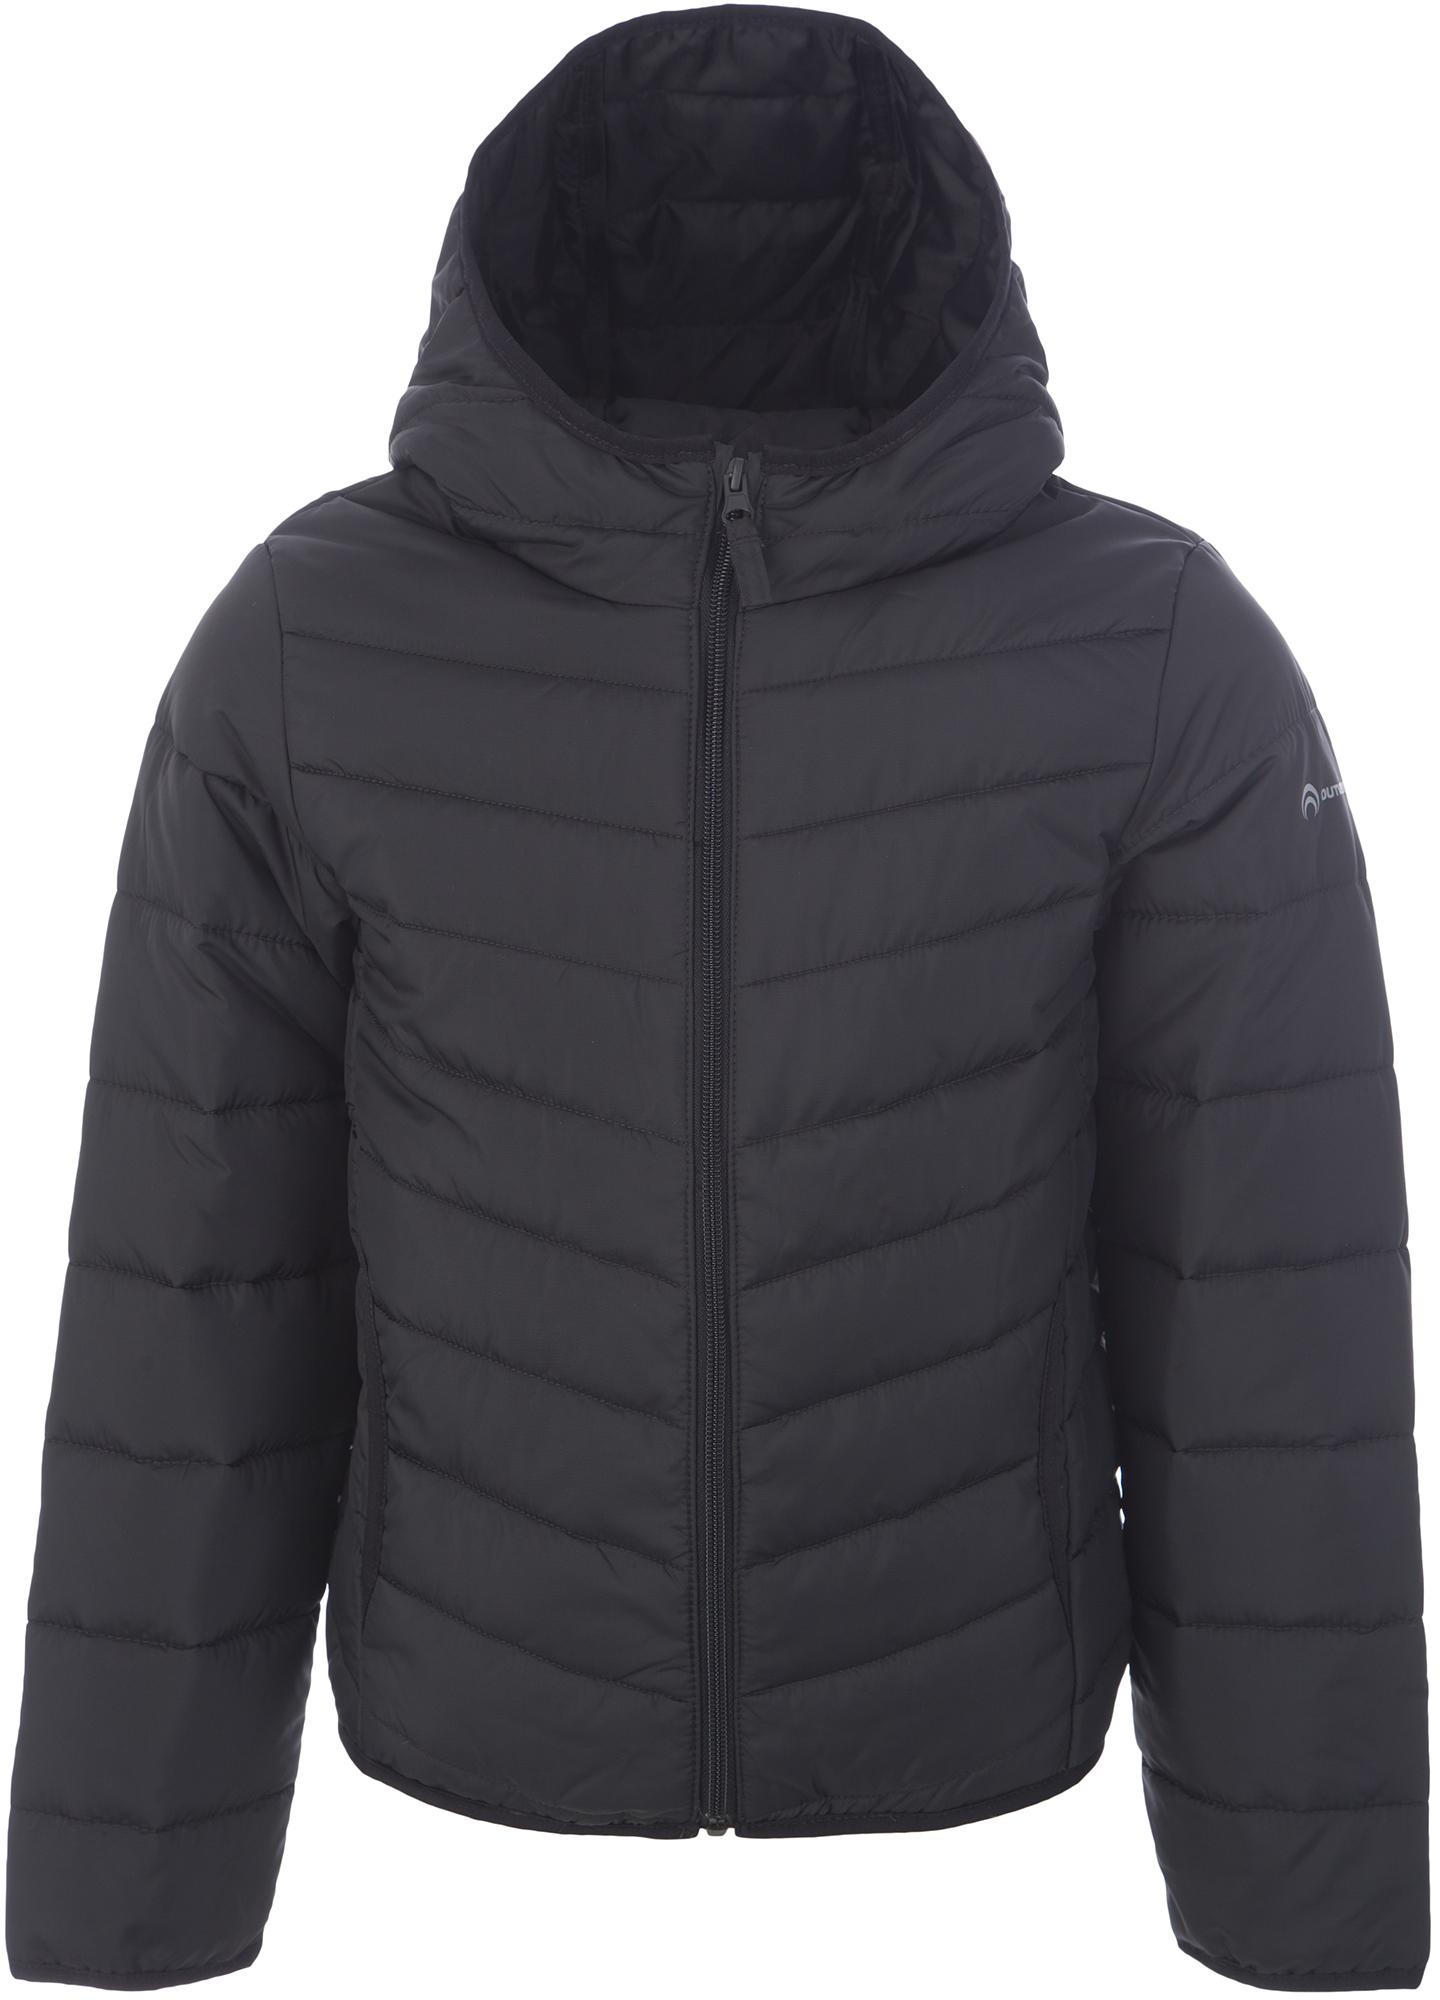 Outventure Куртка утепленная для мальчиков Outventure, размер 140